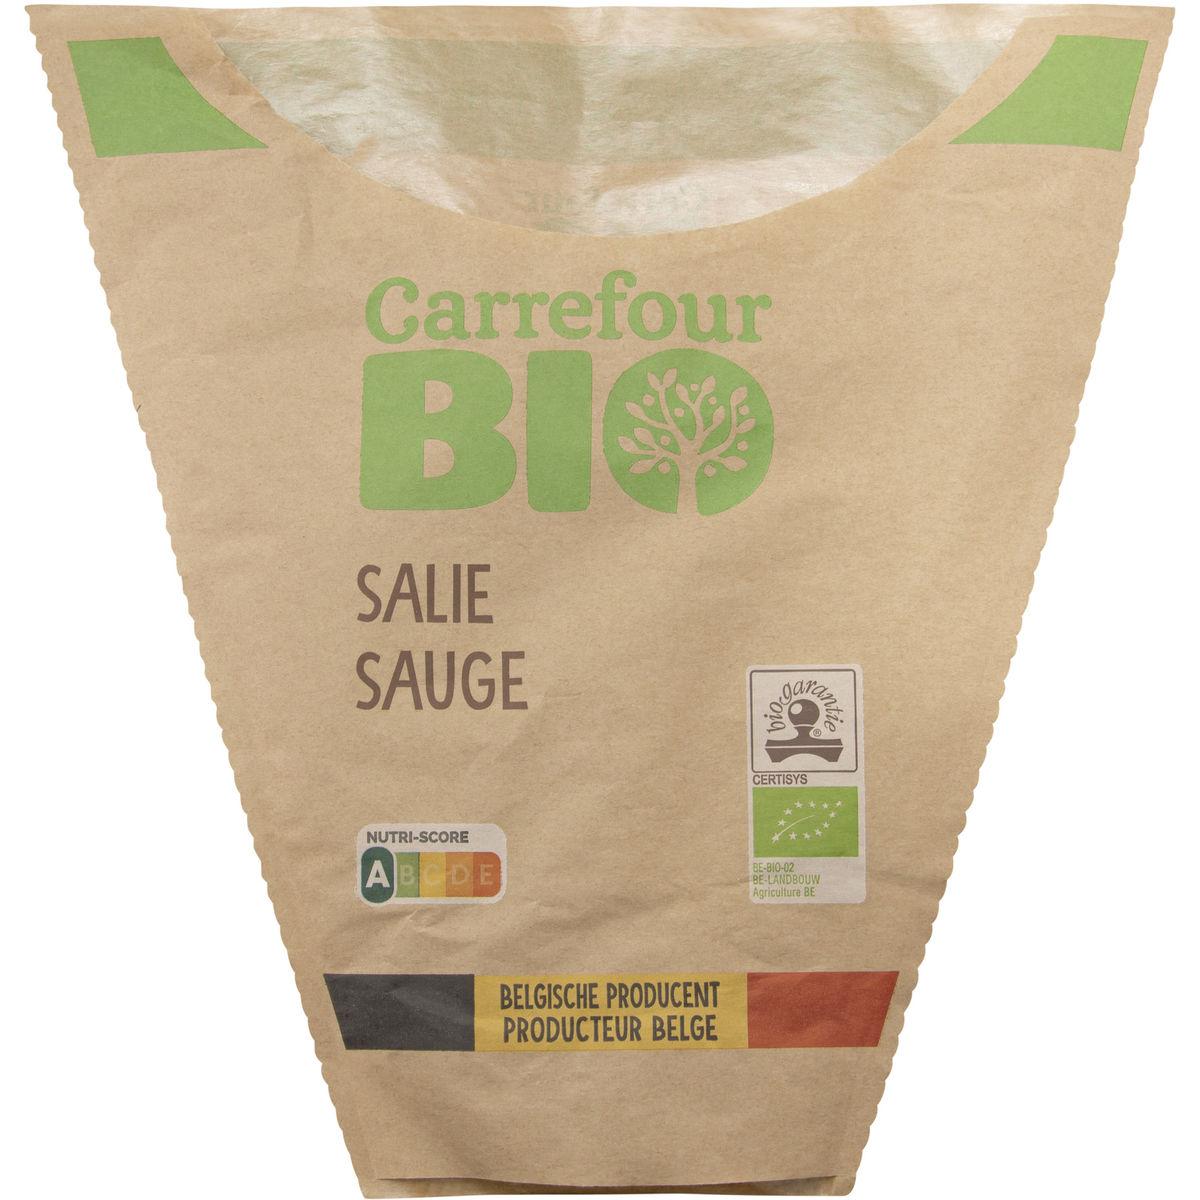 Carrefour Bio Sauge